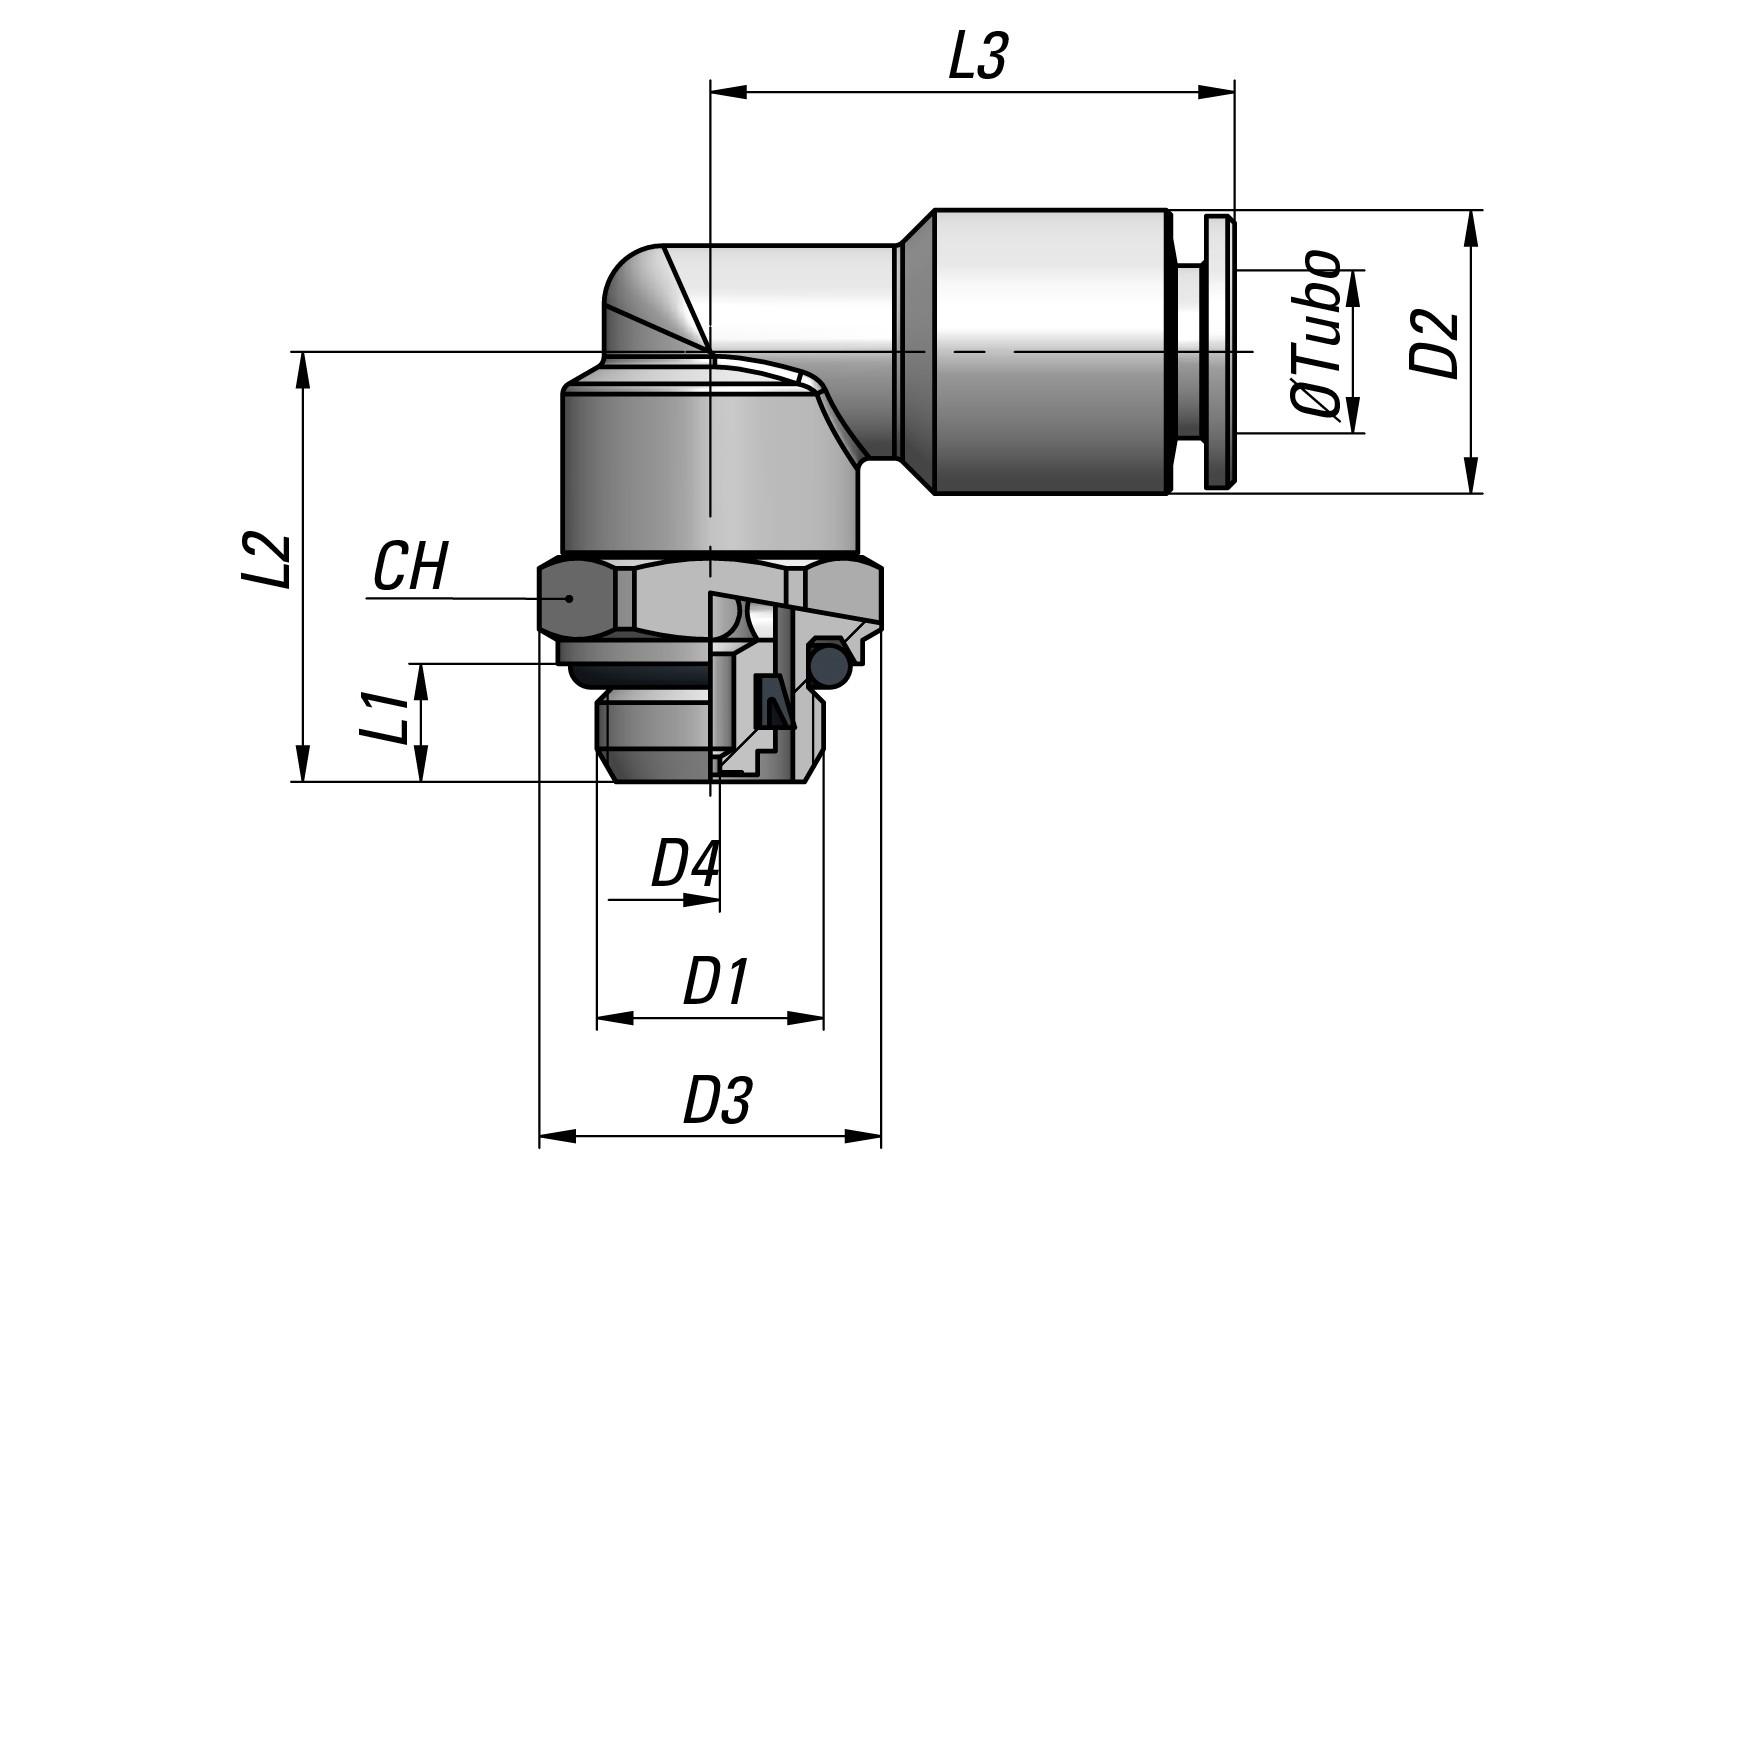 MV44 08 18 – 1,0 mm